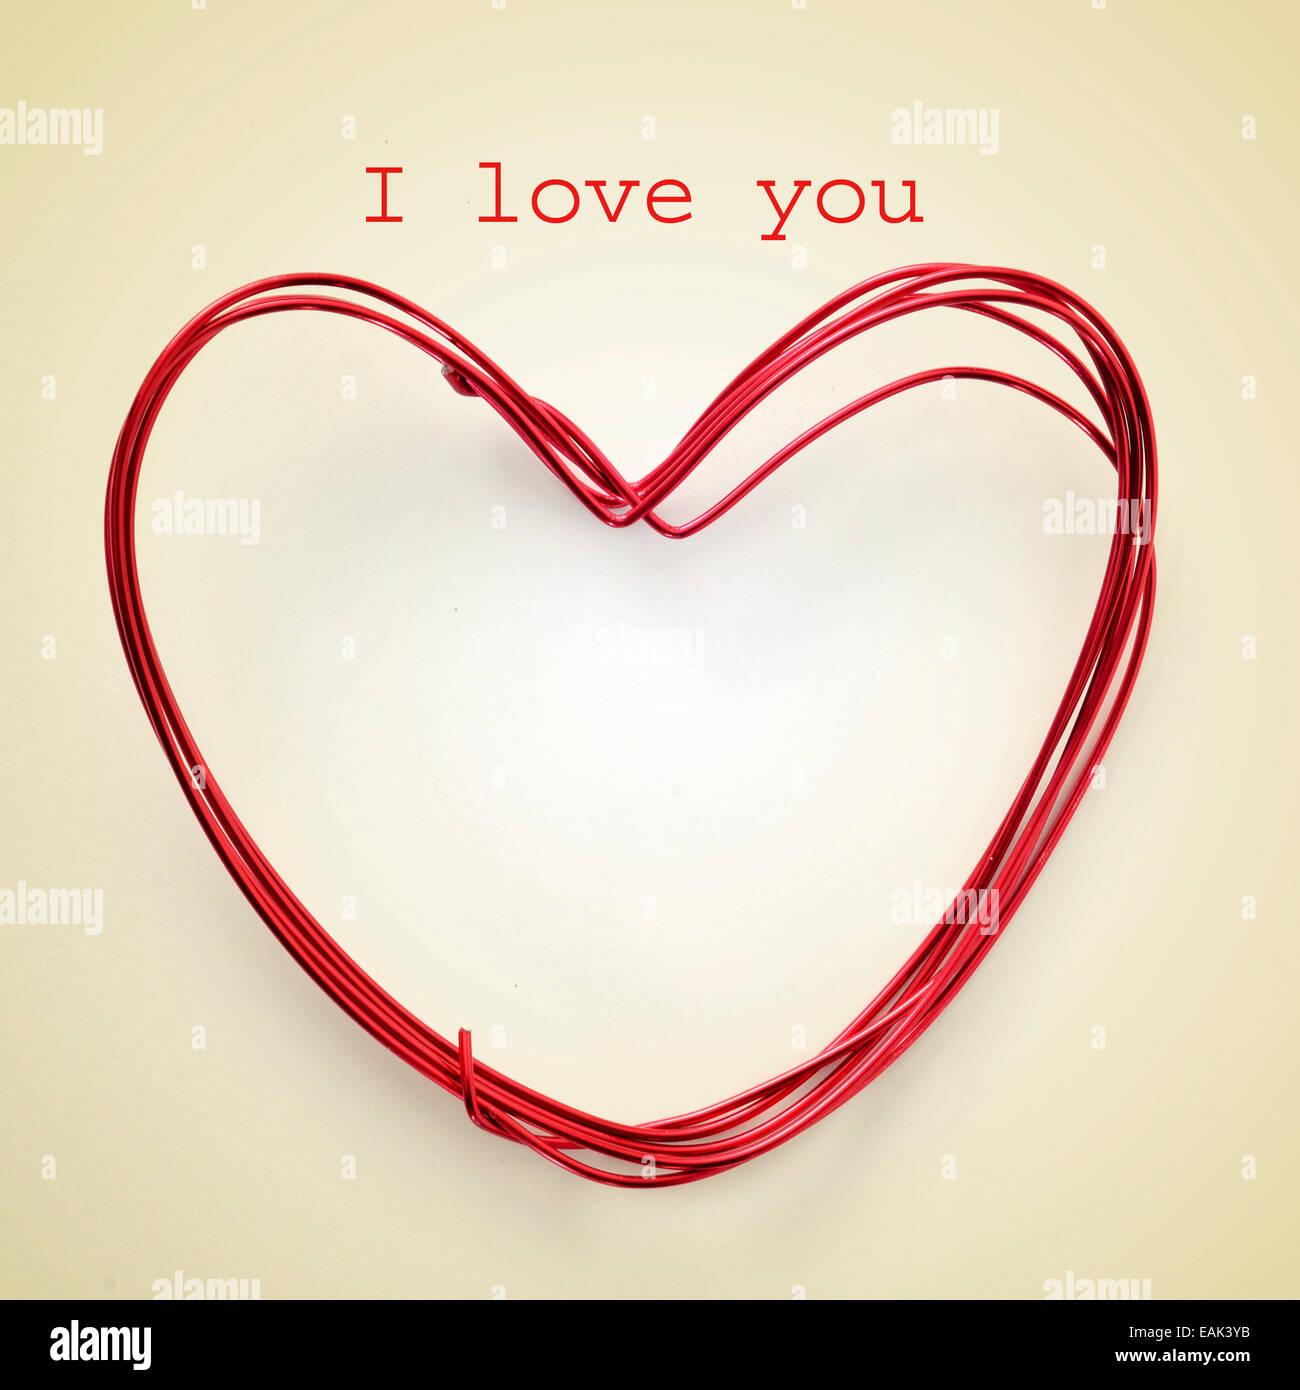 Phrase QUE J'aime et un rouleau en forme de cœur de fil sur un fond beige, avec un effet rétro Banque D'Images